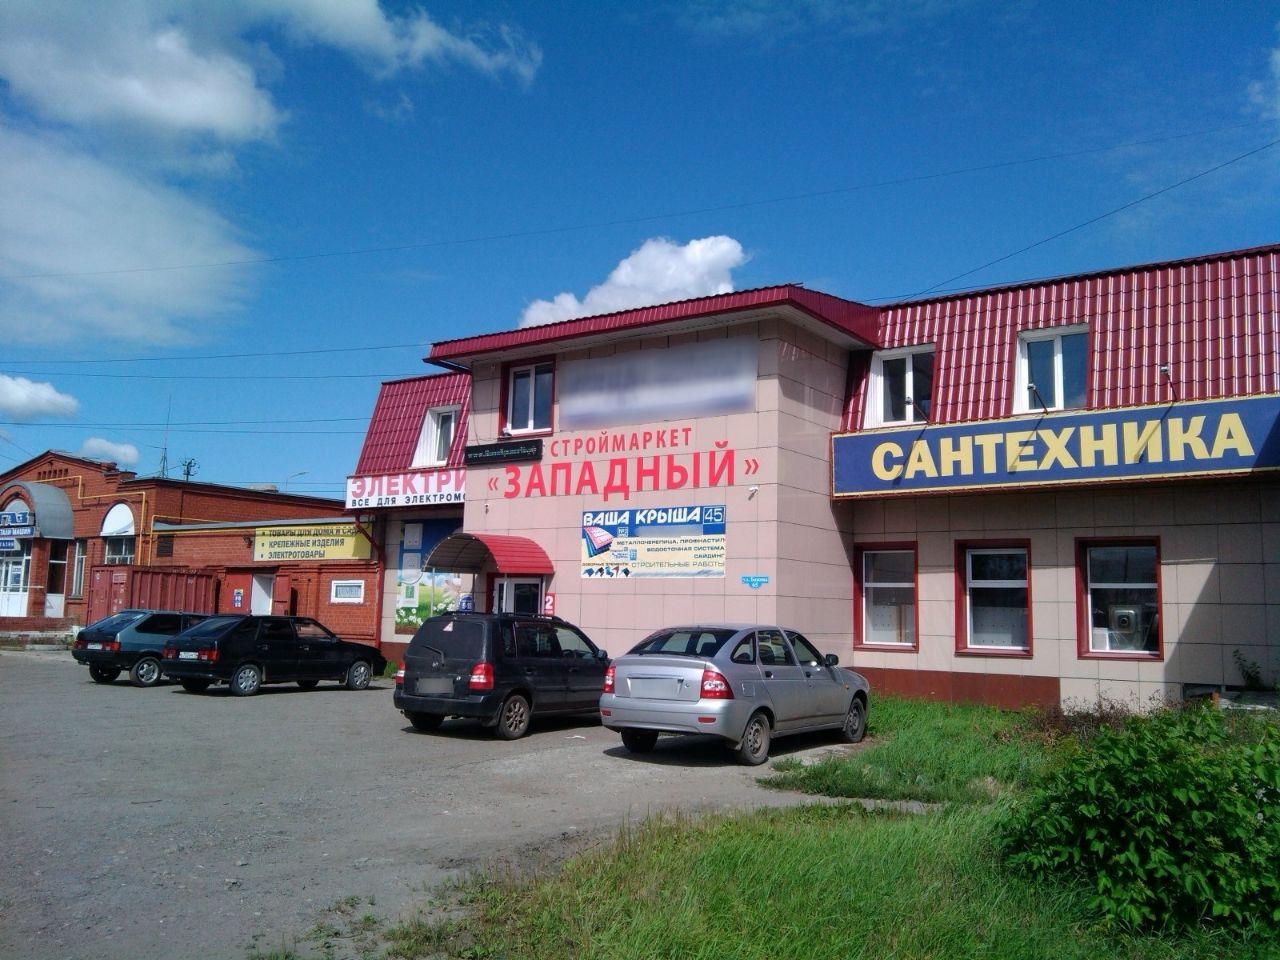 ТЦ Западный